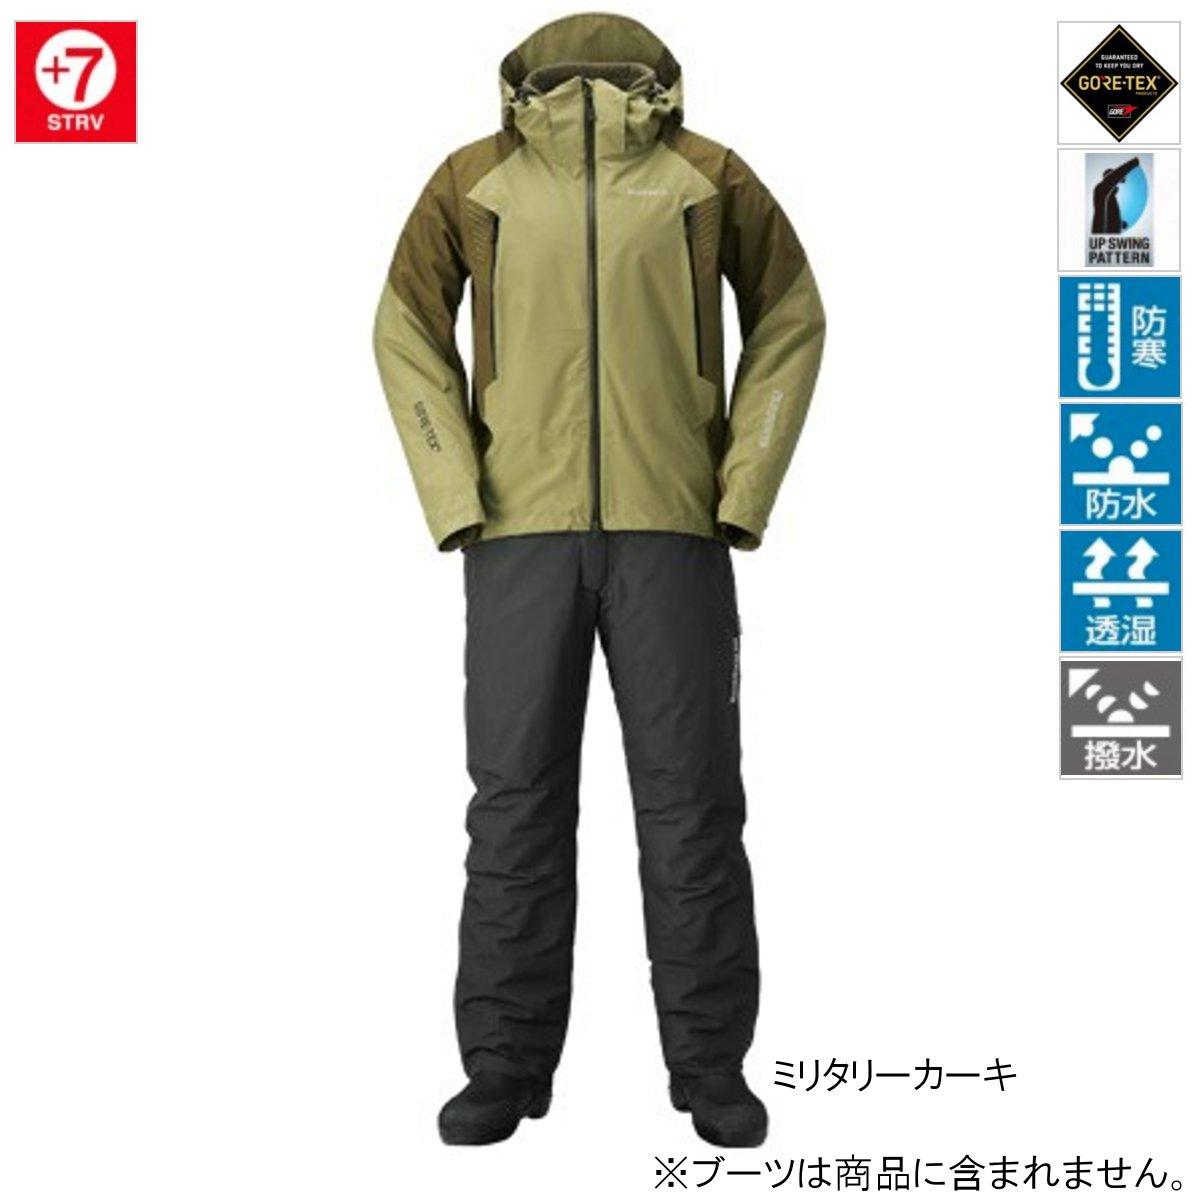 シマノ GORE-TEX ベーシックウォームスーツ RB-017R M ミリタリーカーキ(東日本店)